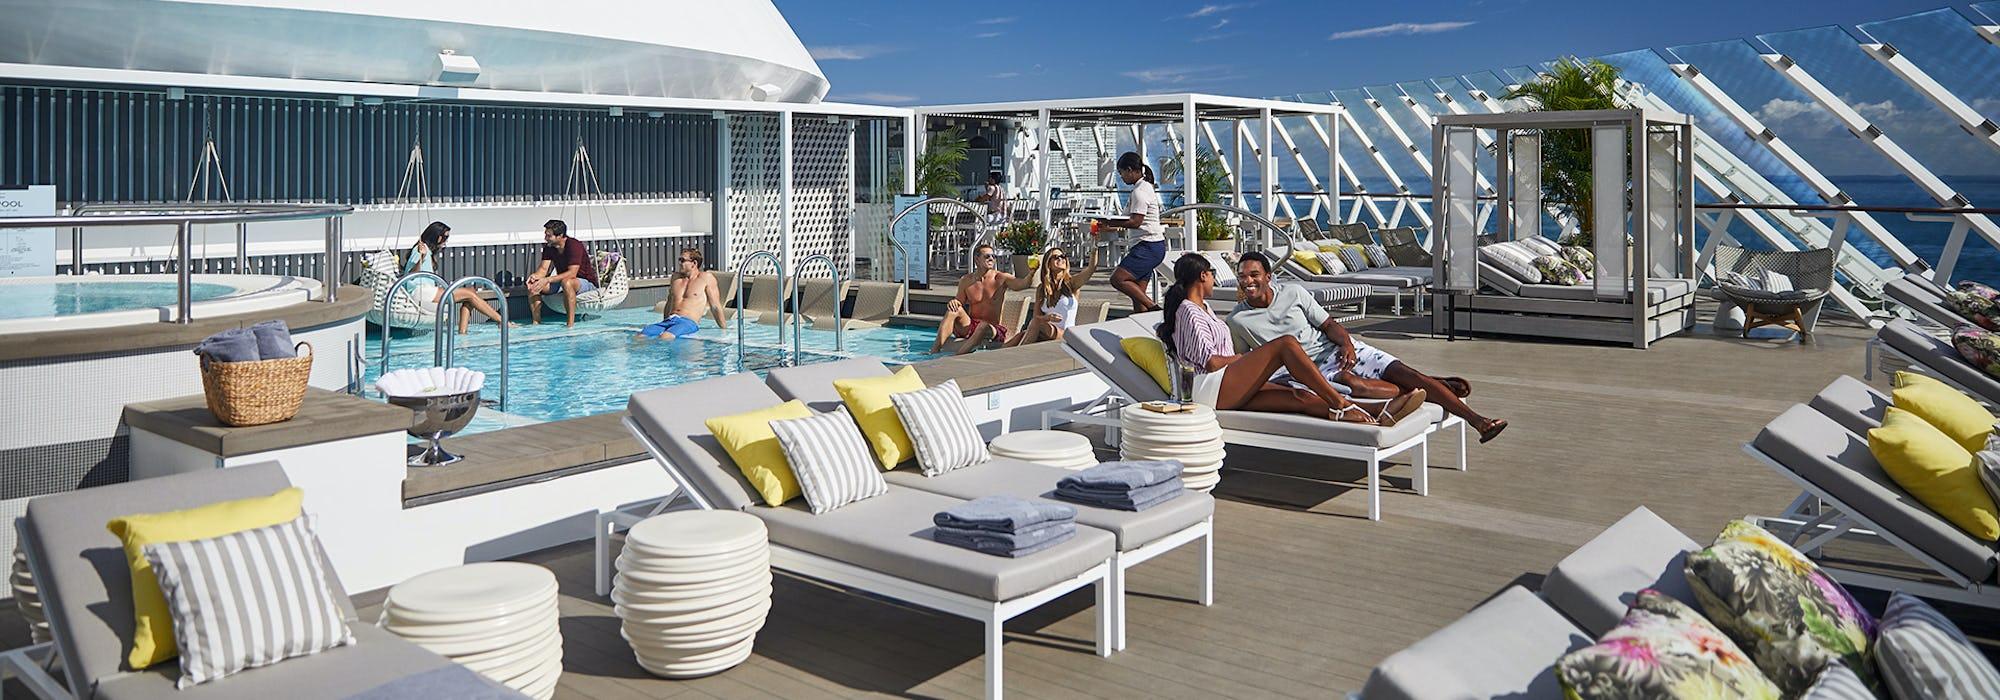 Soldäcket på Celebrity Apex med fler människor i solstolar och en pool till vänster.